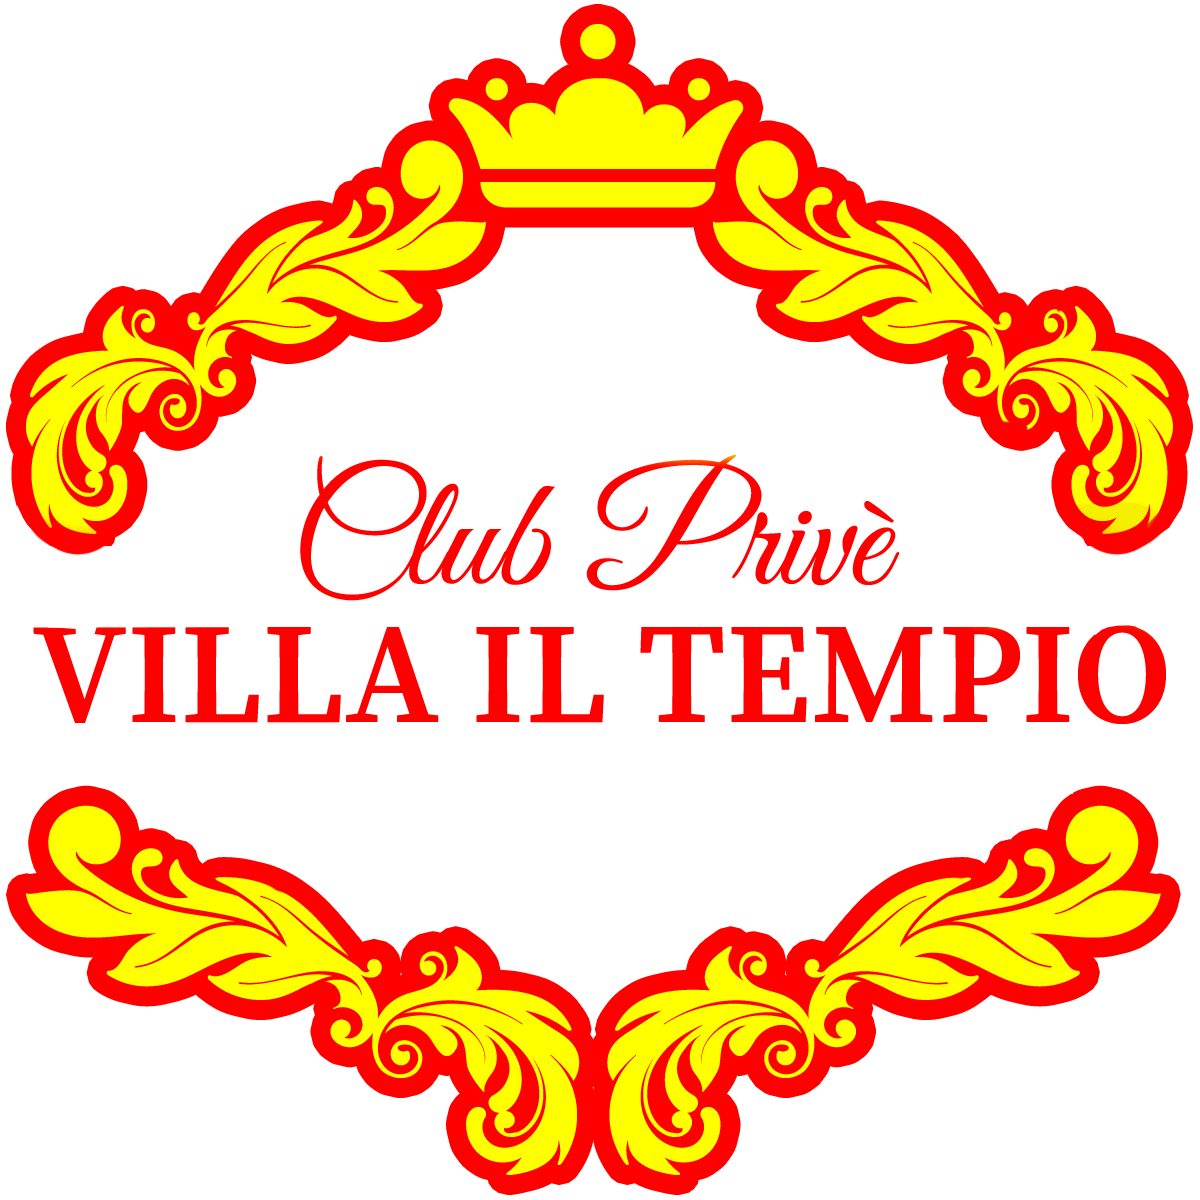 Villa Il Tempio Club Privè